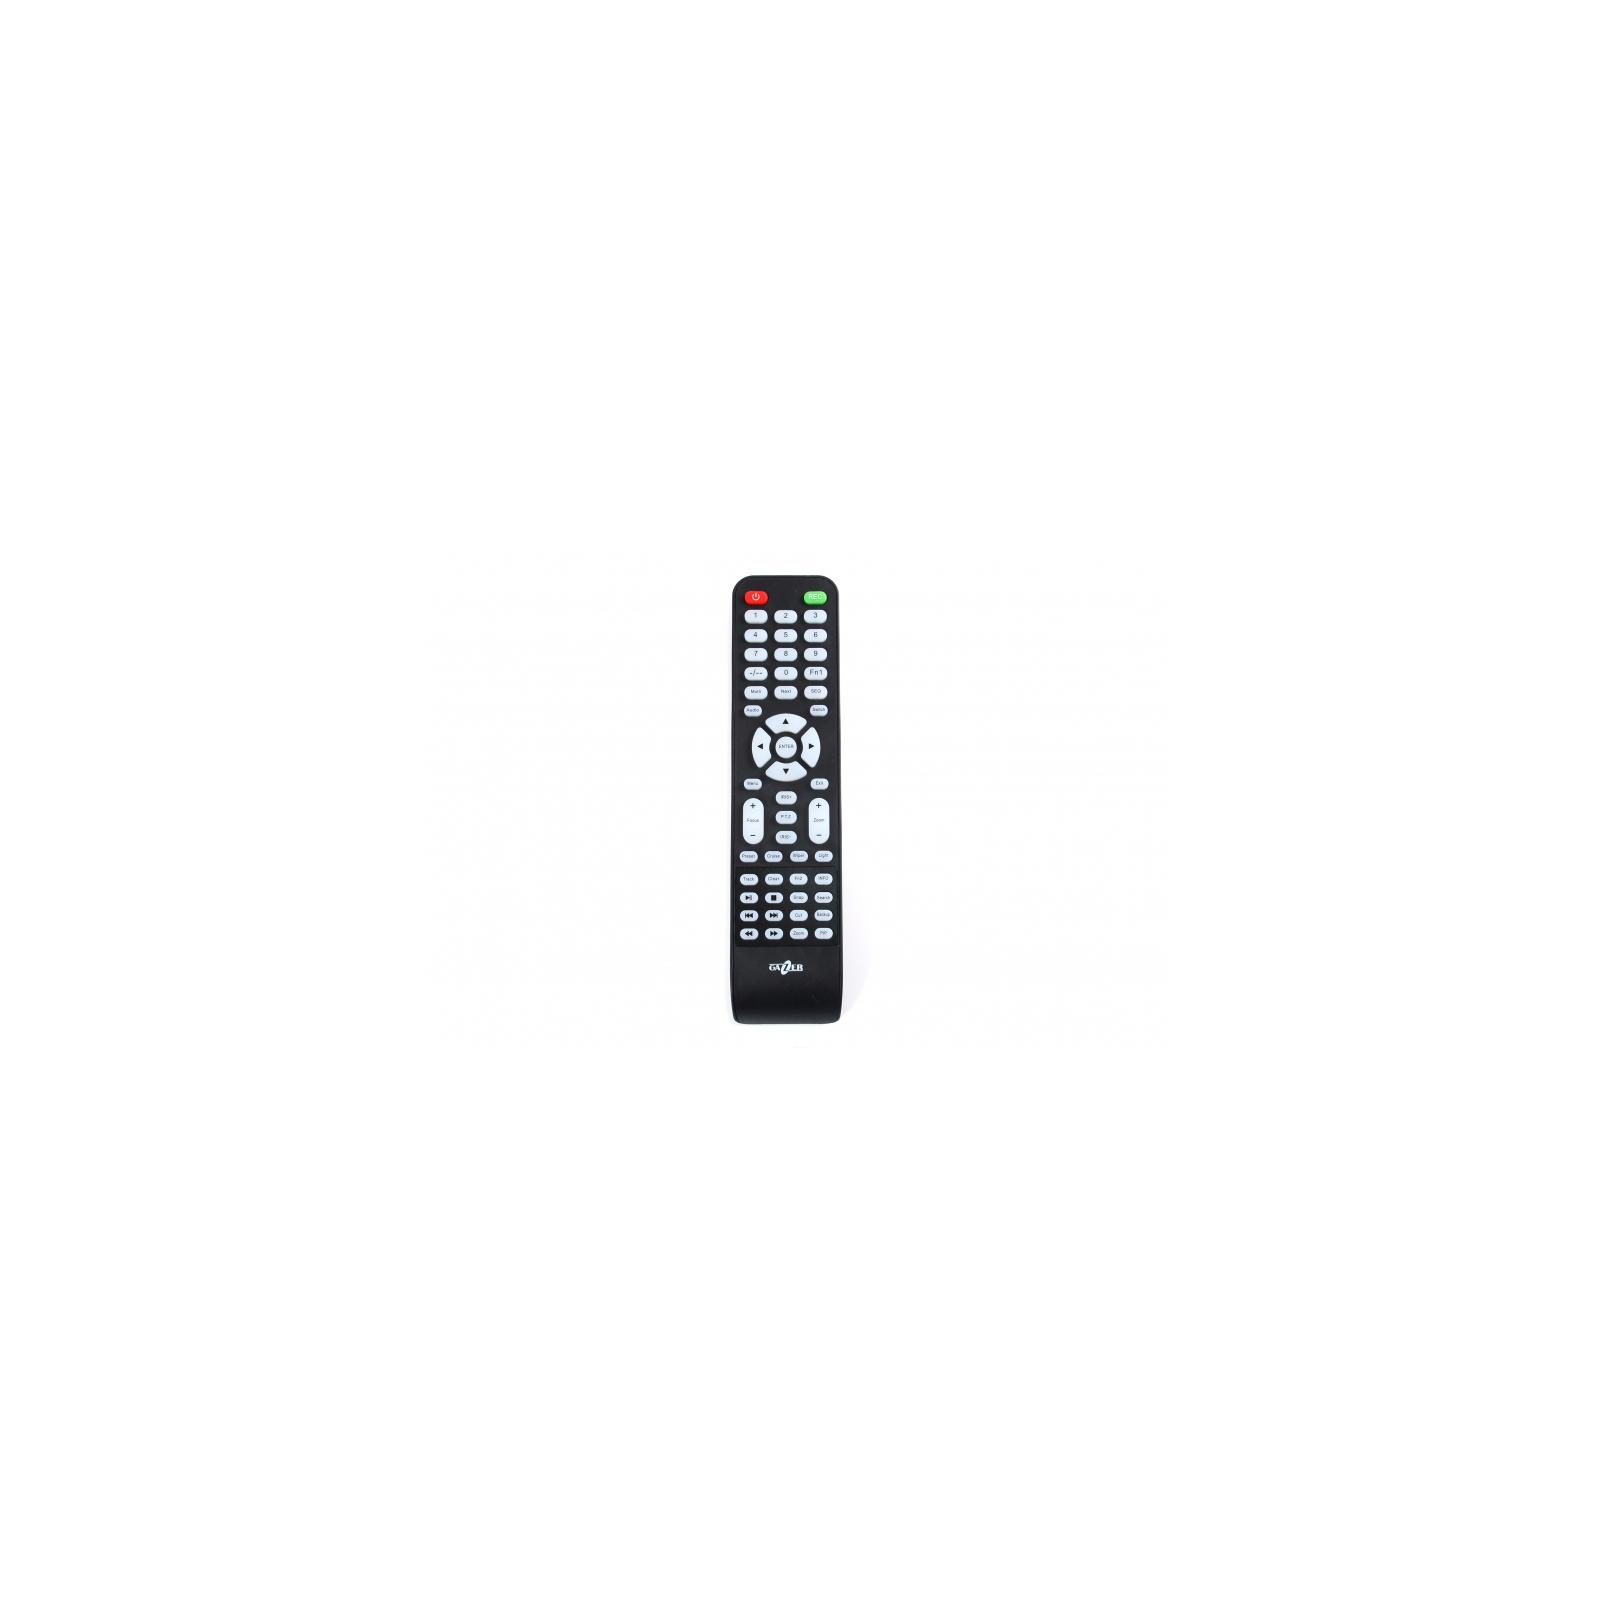 Регистратор для видеонаблюдения Gazer NS2224r изображение 6